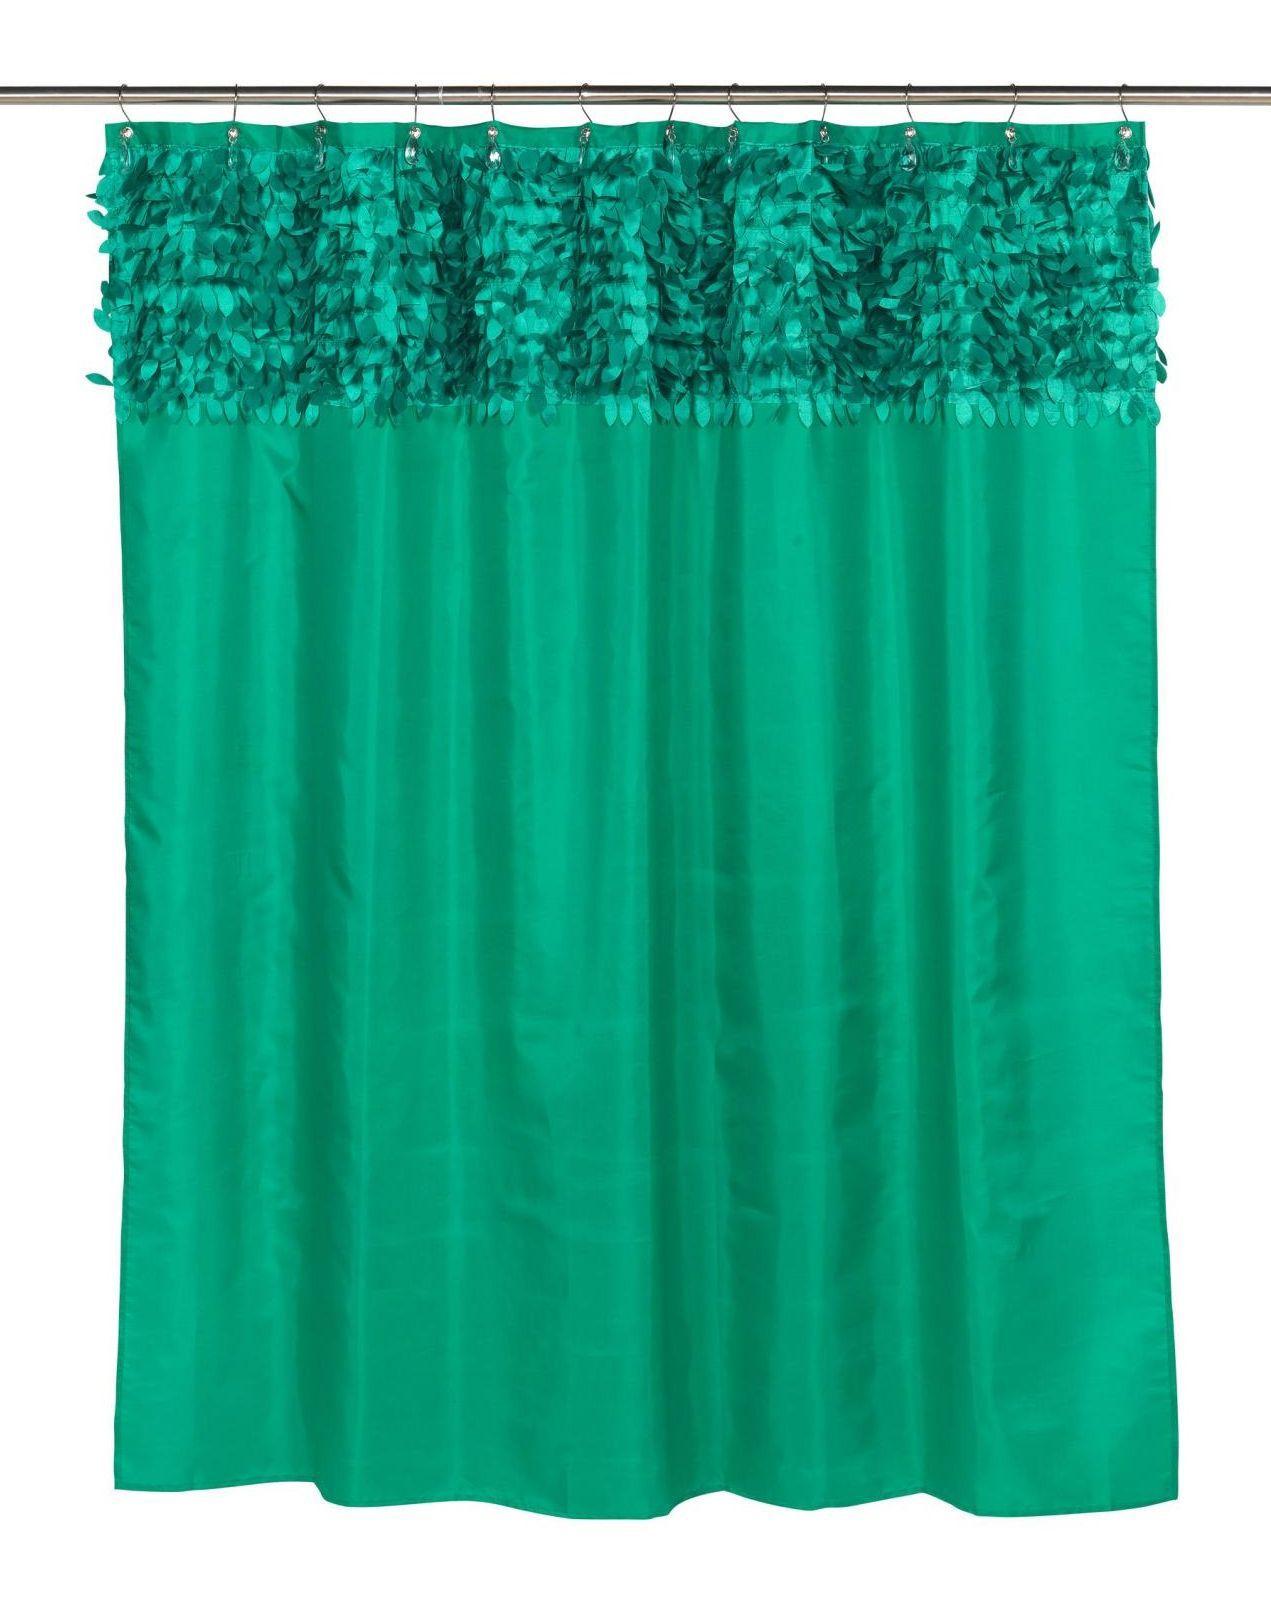 Шторки для ванной Шторка для ванной 178x183 Carnation Home Fashions Jasmine Emerald elitnaya-shtorka-dlya-vannoy-jasmine-emerald-ot-carnation-home-fashions-ssha-kitay.jpg